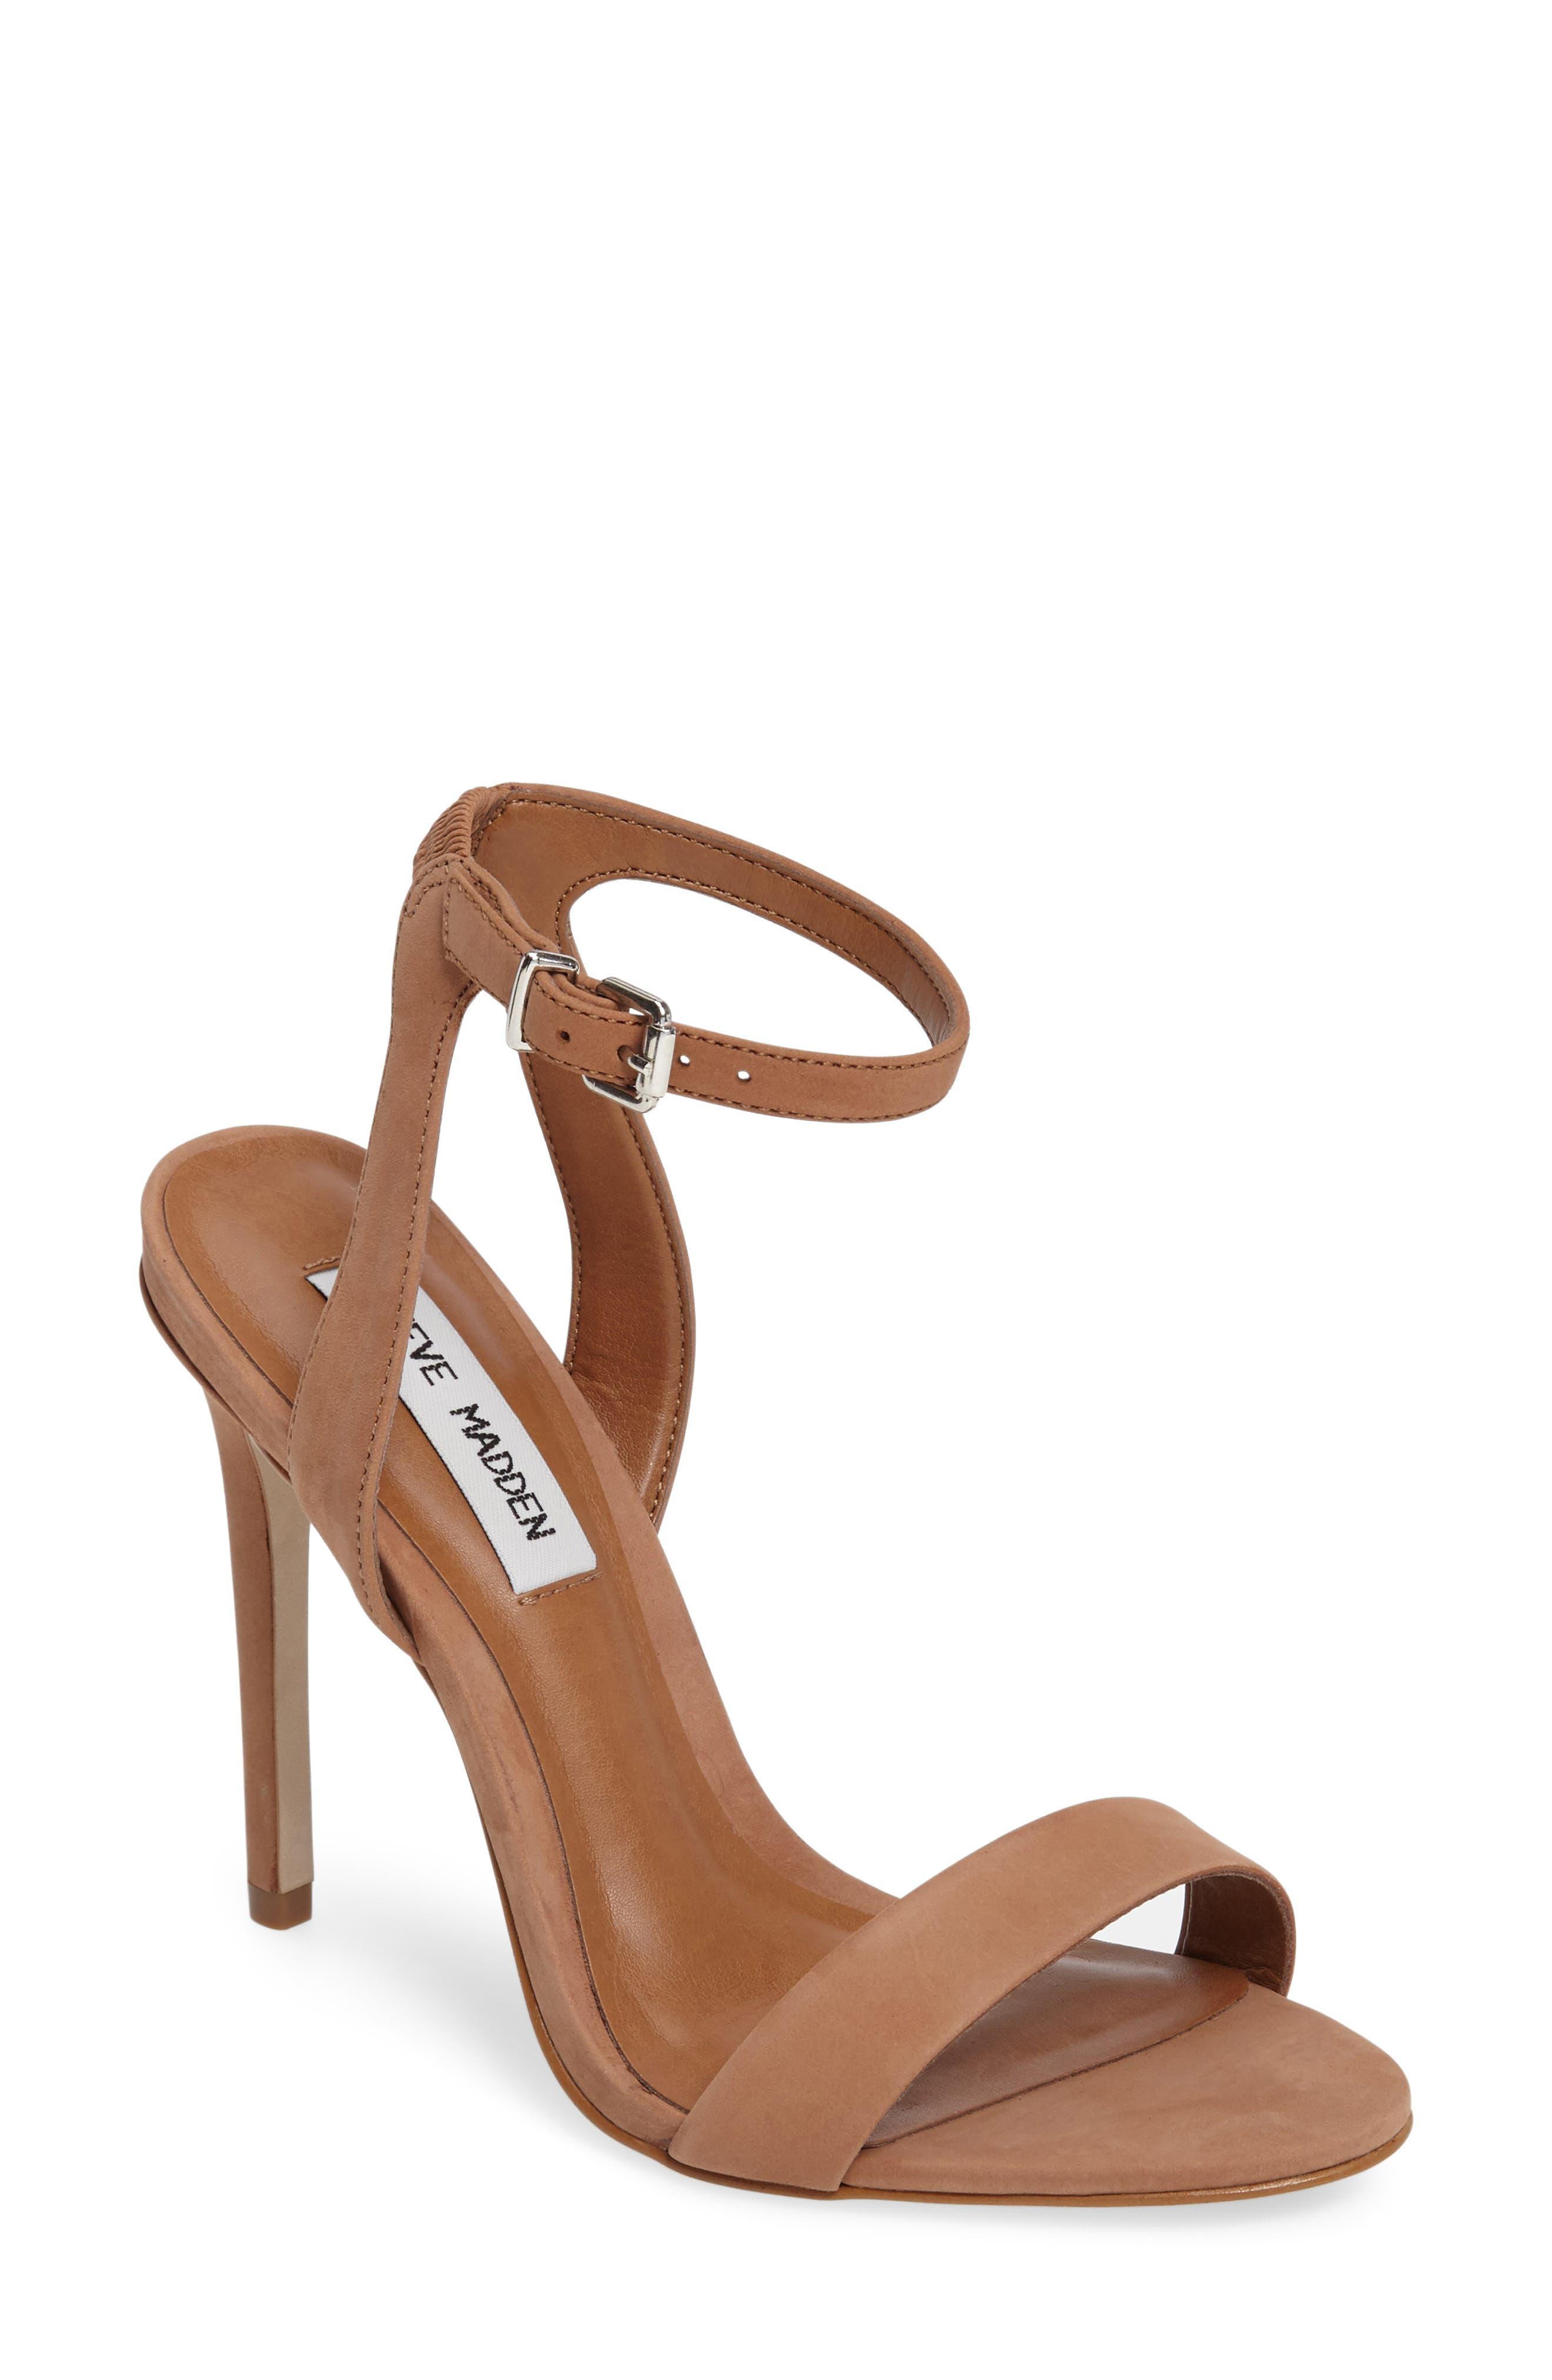 Main Image - Steve Madden Landen Ankle Strap Sandal (Women)